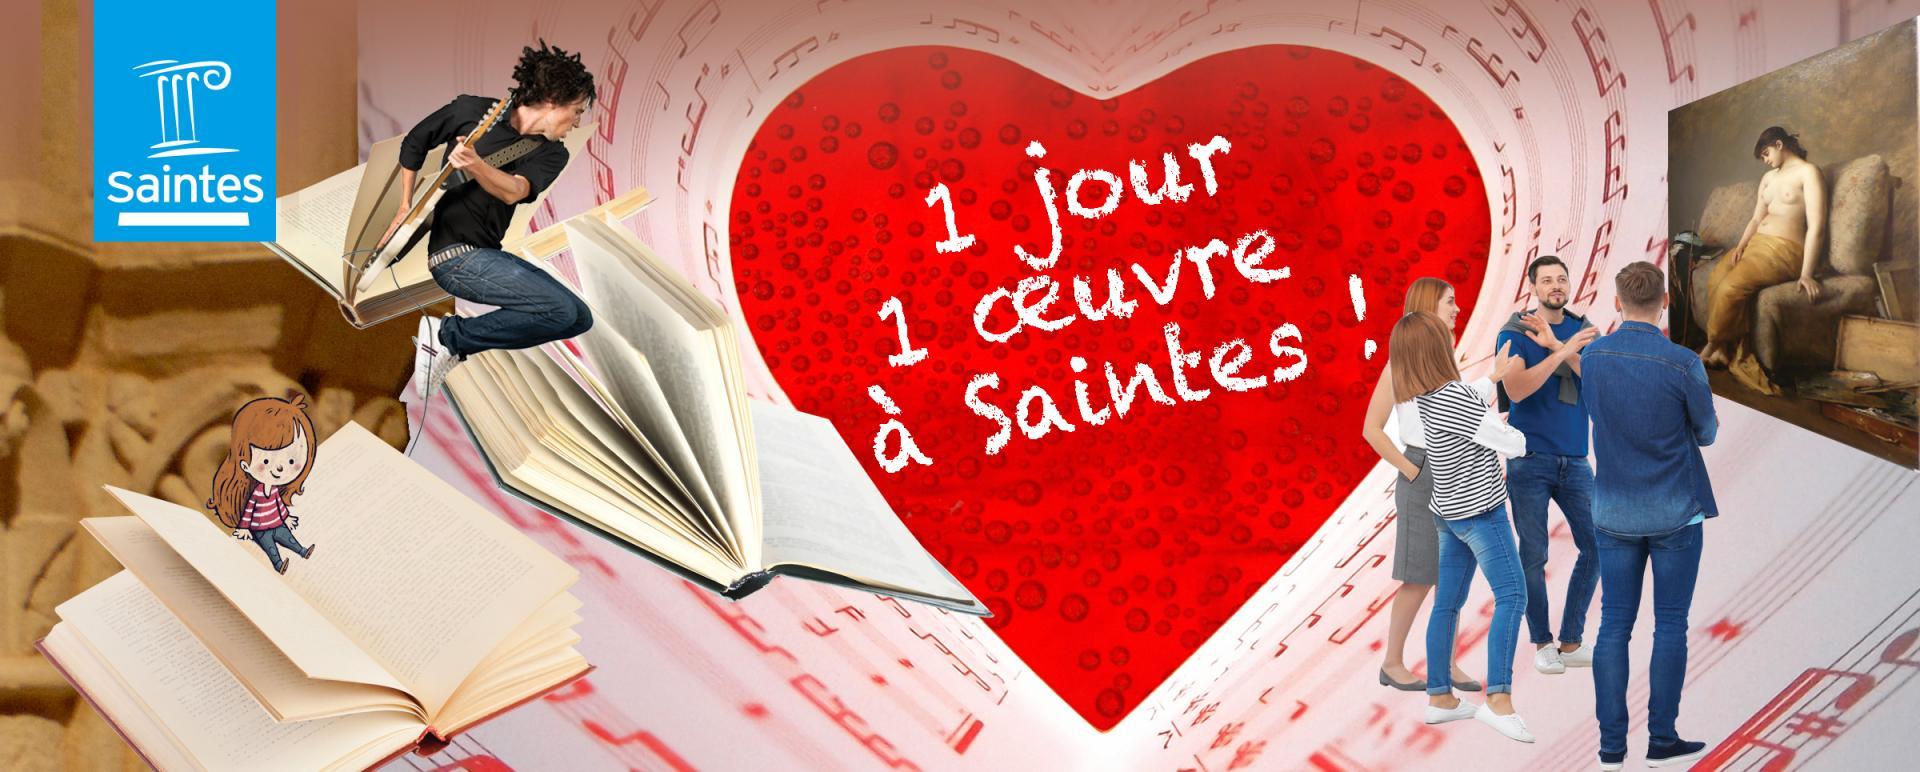 Unjouruneoeuvre3